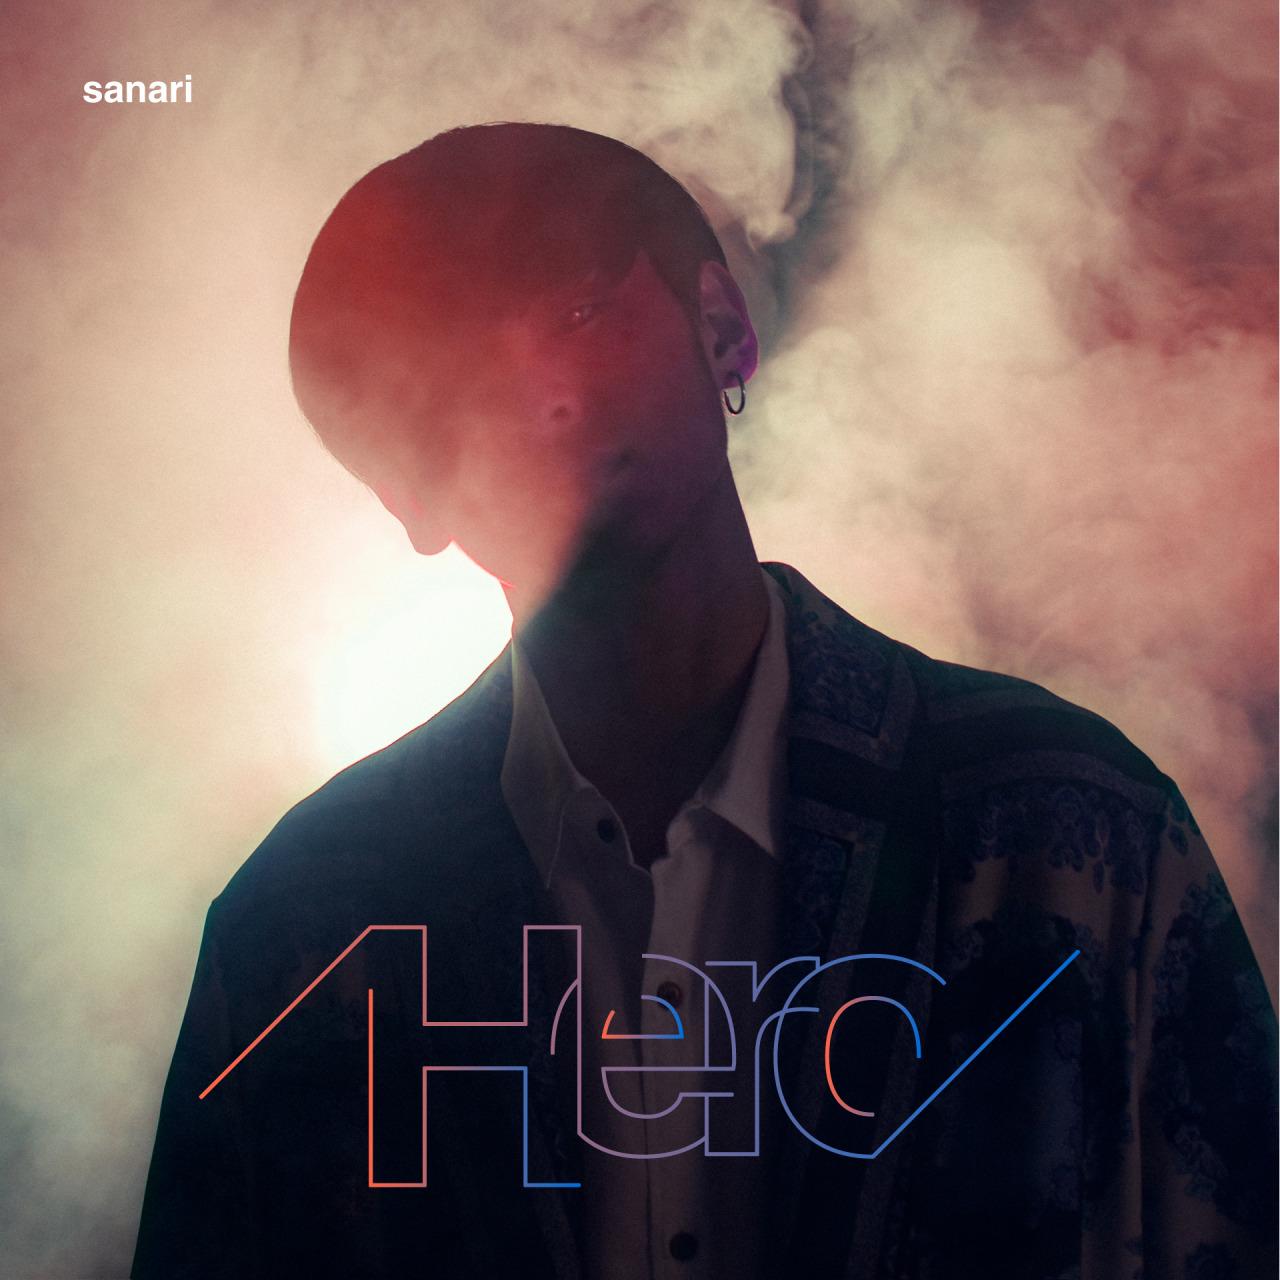 さなり 「Hero」CD Jacket / Artist Photo